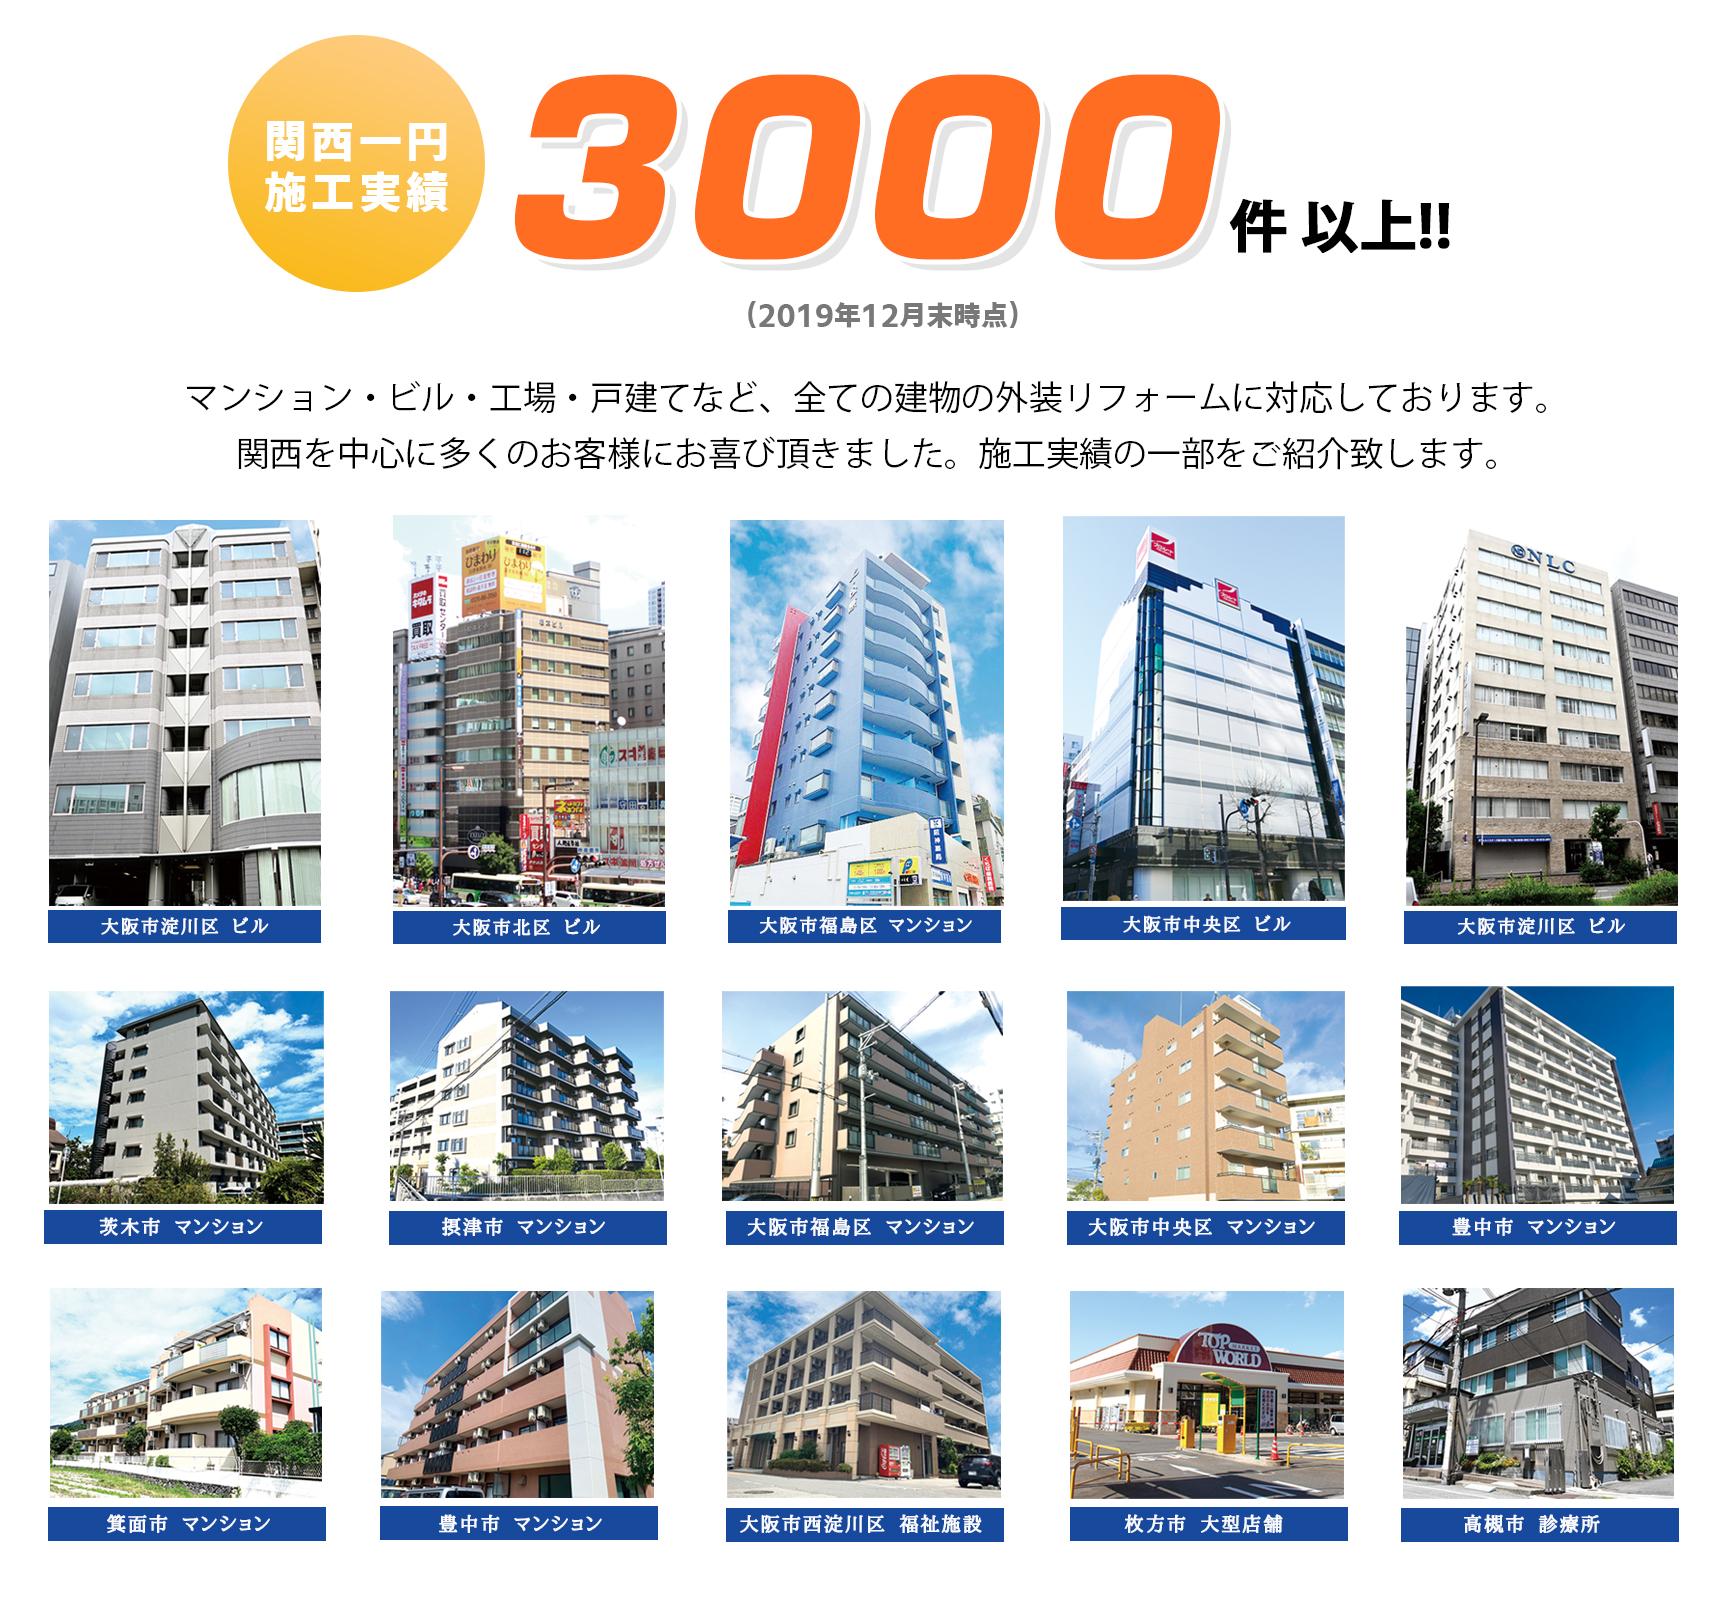 マンション ビル 工場 戸建てなど全ての建物の外装リフォームに対応